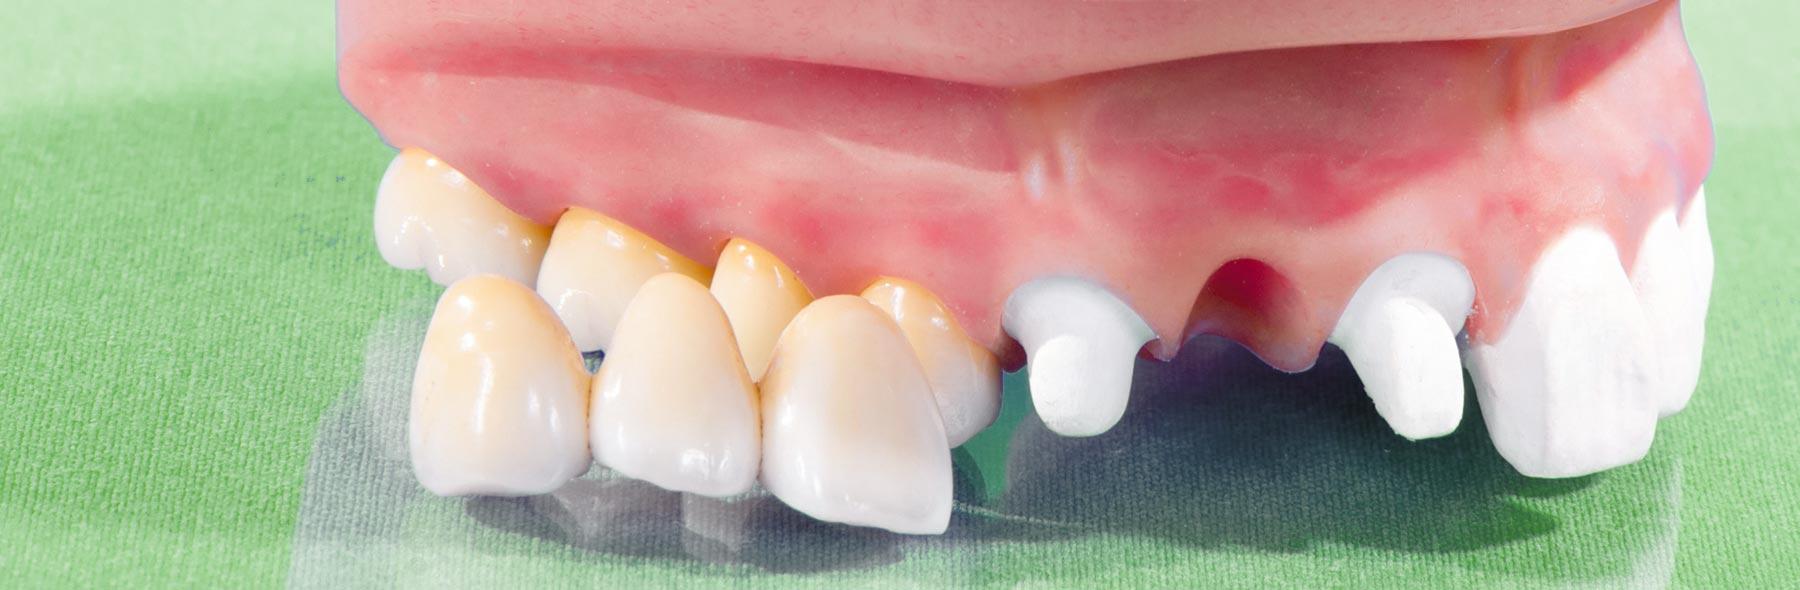 Zahnersatz von funktional bis hochästhetisch